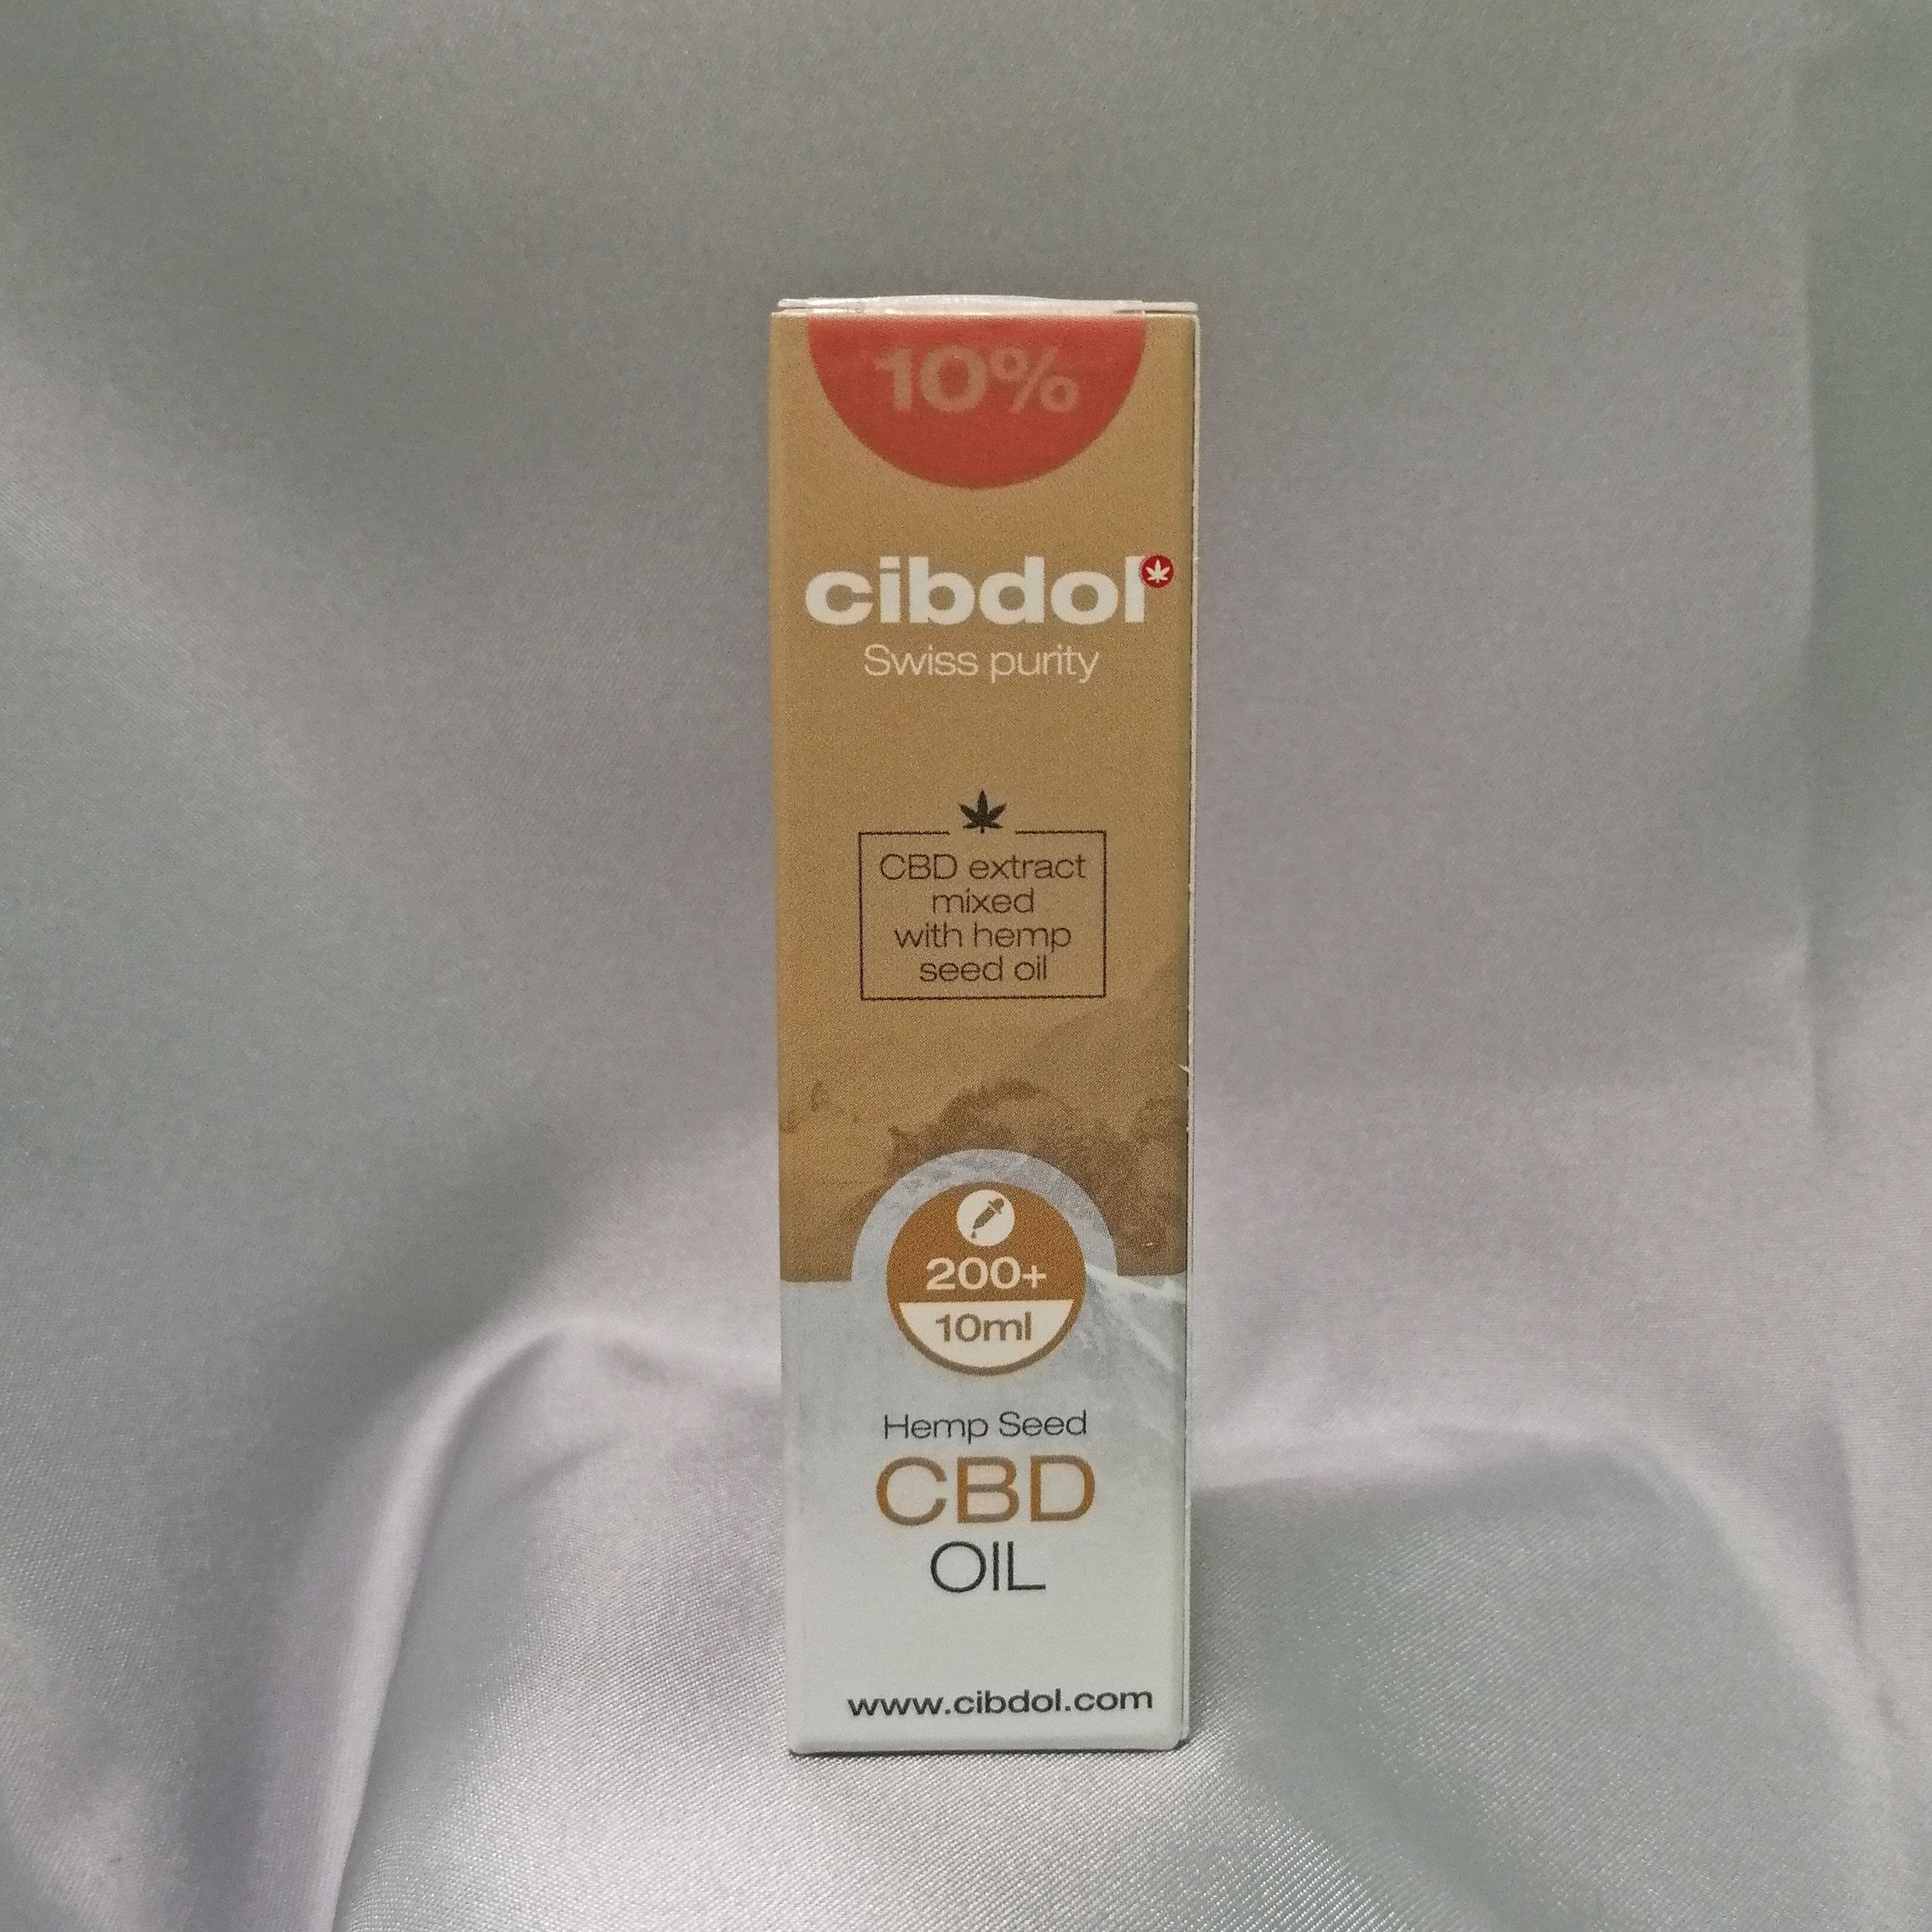 immagine di confezione olio al CBD 10% cibdol